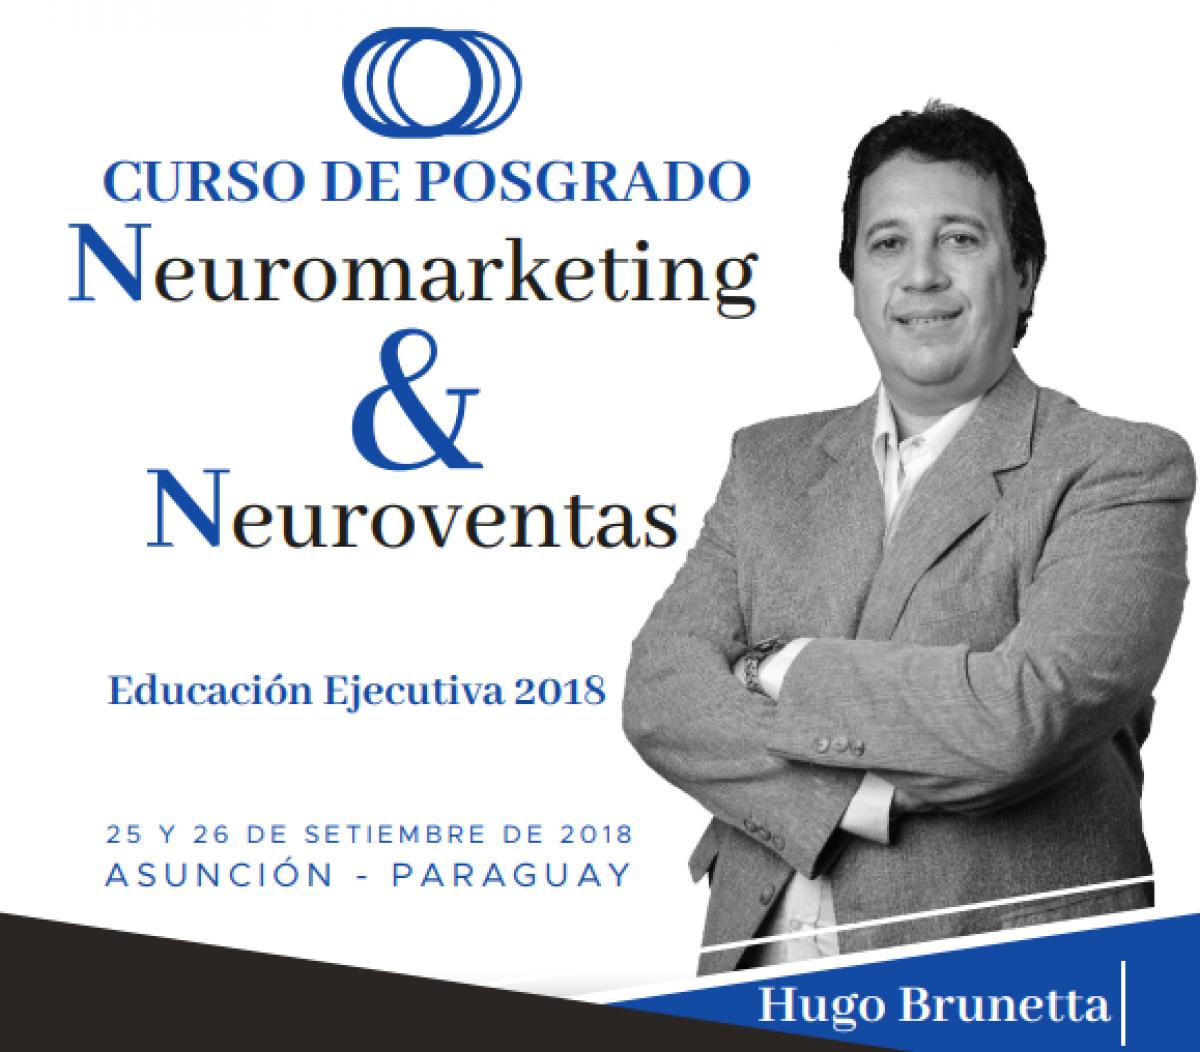 Curso de Posgrado Neuromarketing y Neuroventas